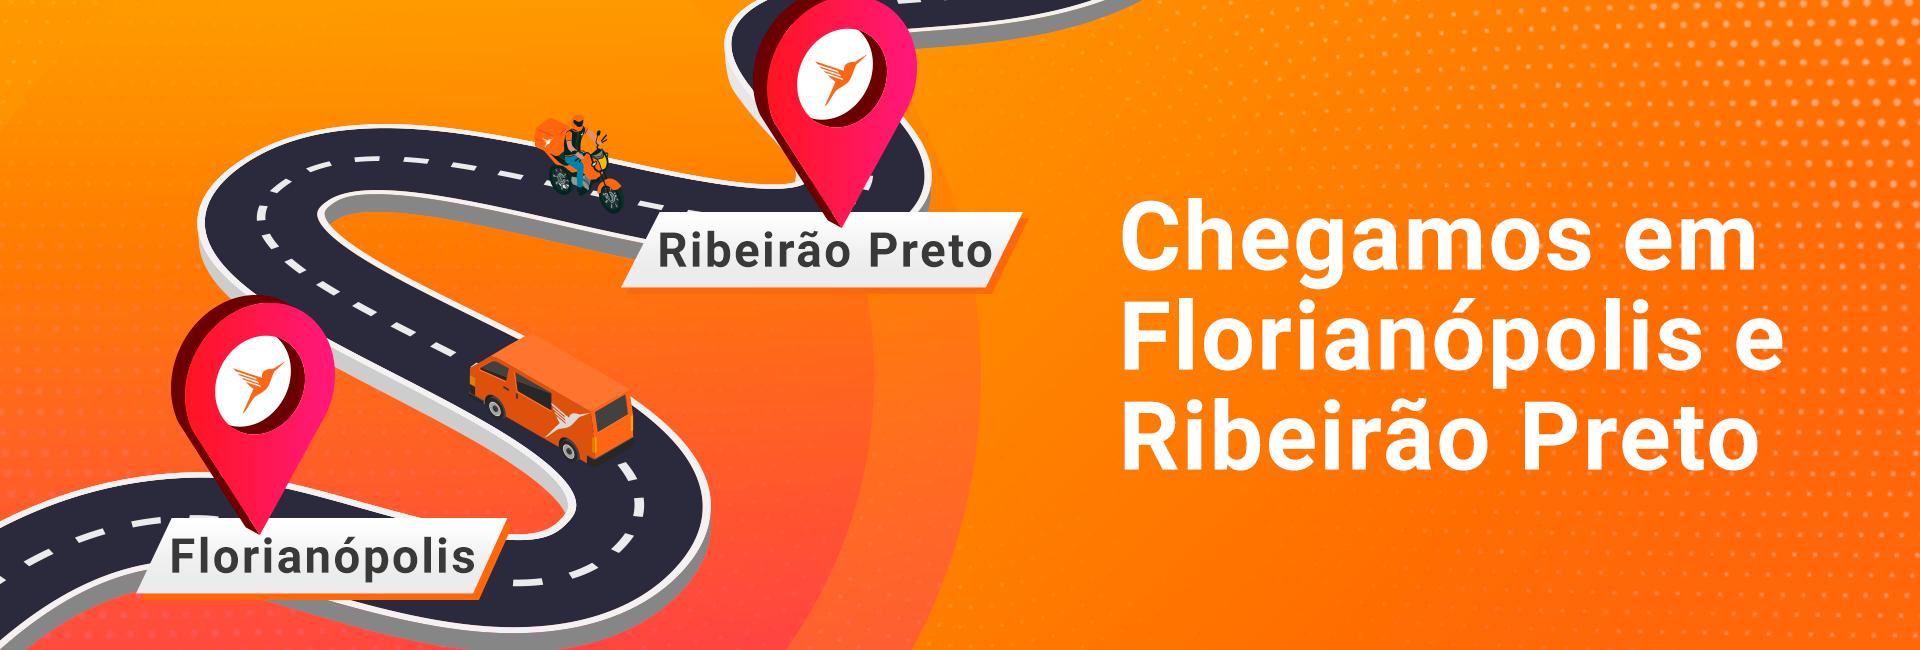 Banner_Florianopolis-RibeiraoPreto